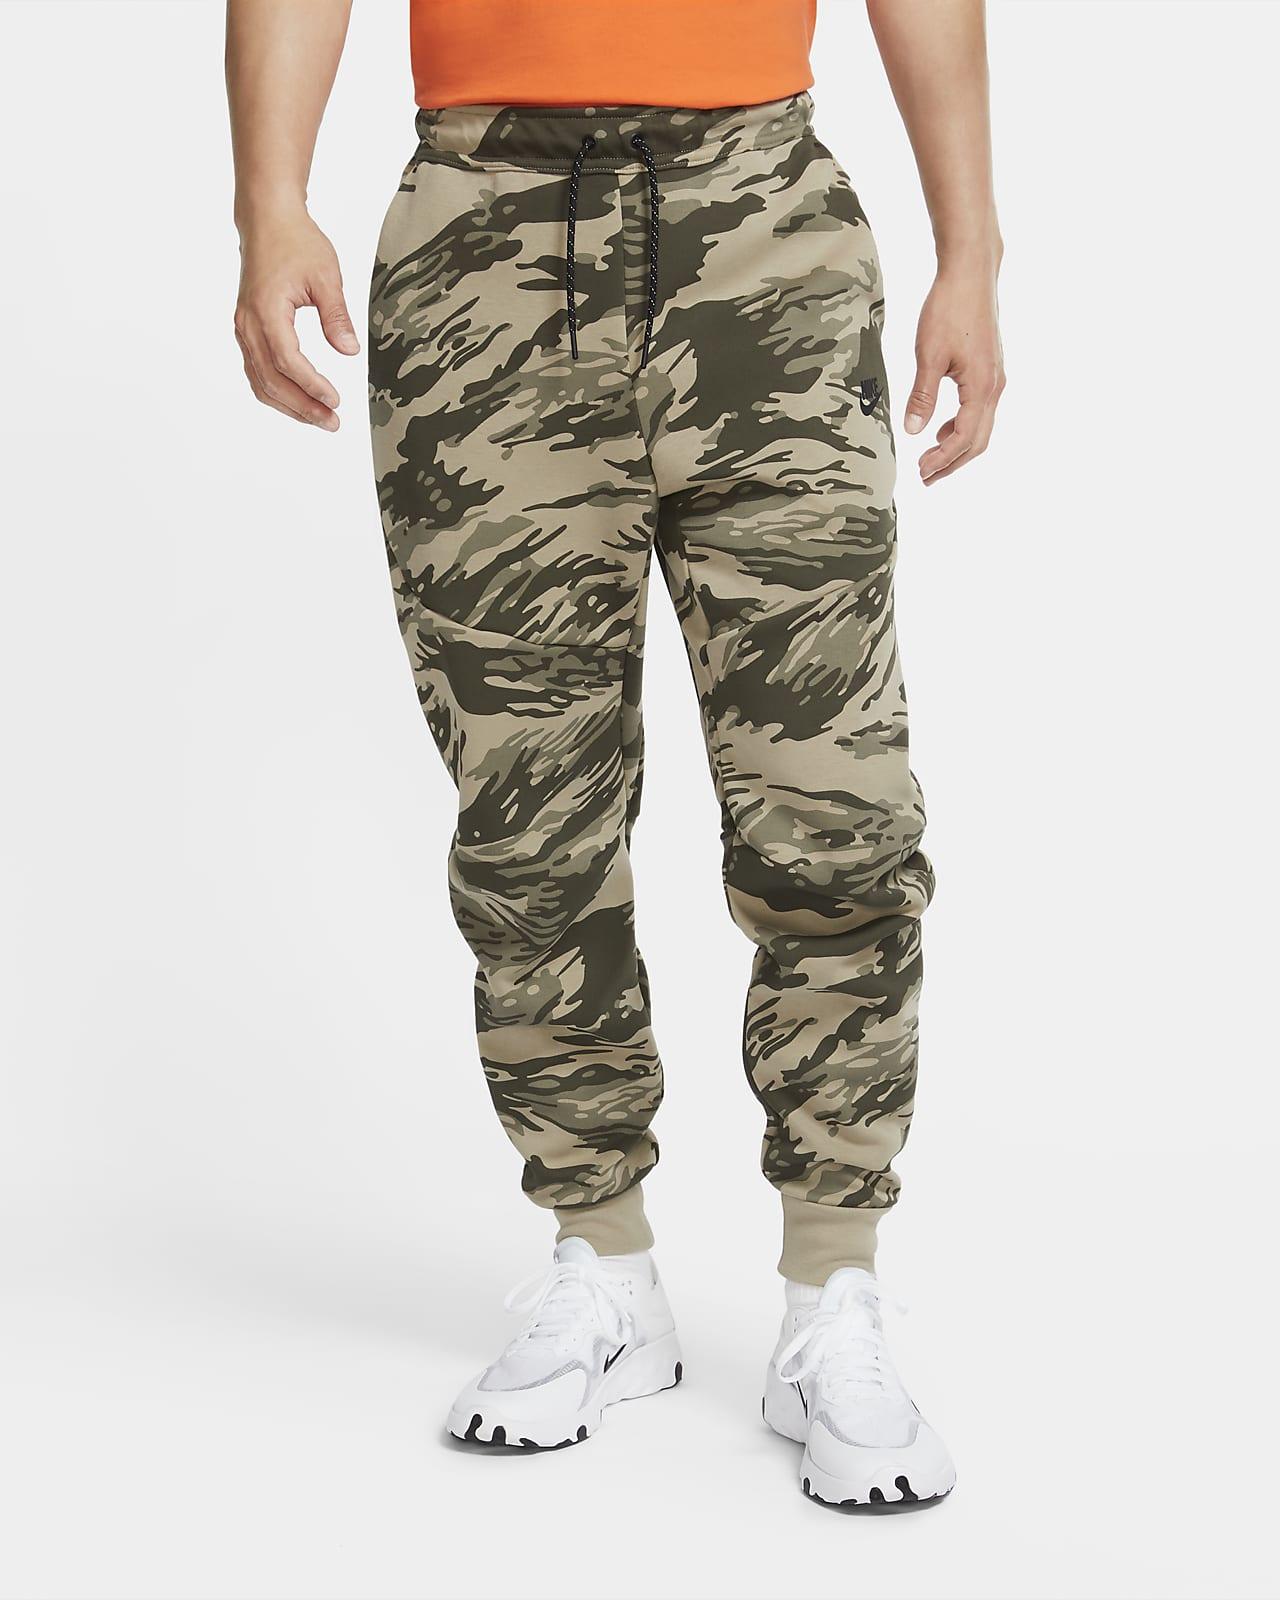 Ανδρικό εμπριμέ παντελόνι φόρμας με μοτίβο παραλλαγής Nike Tech Fleece